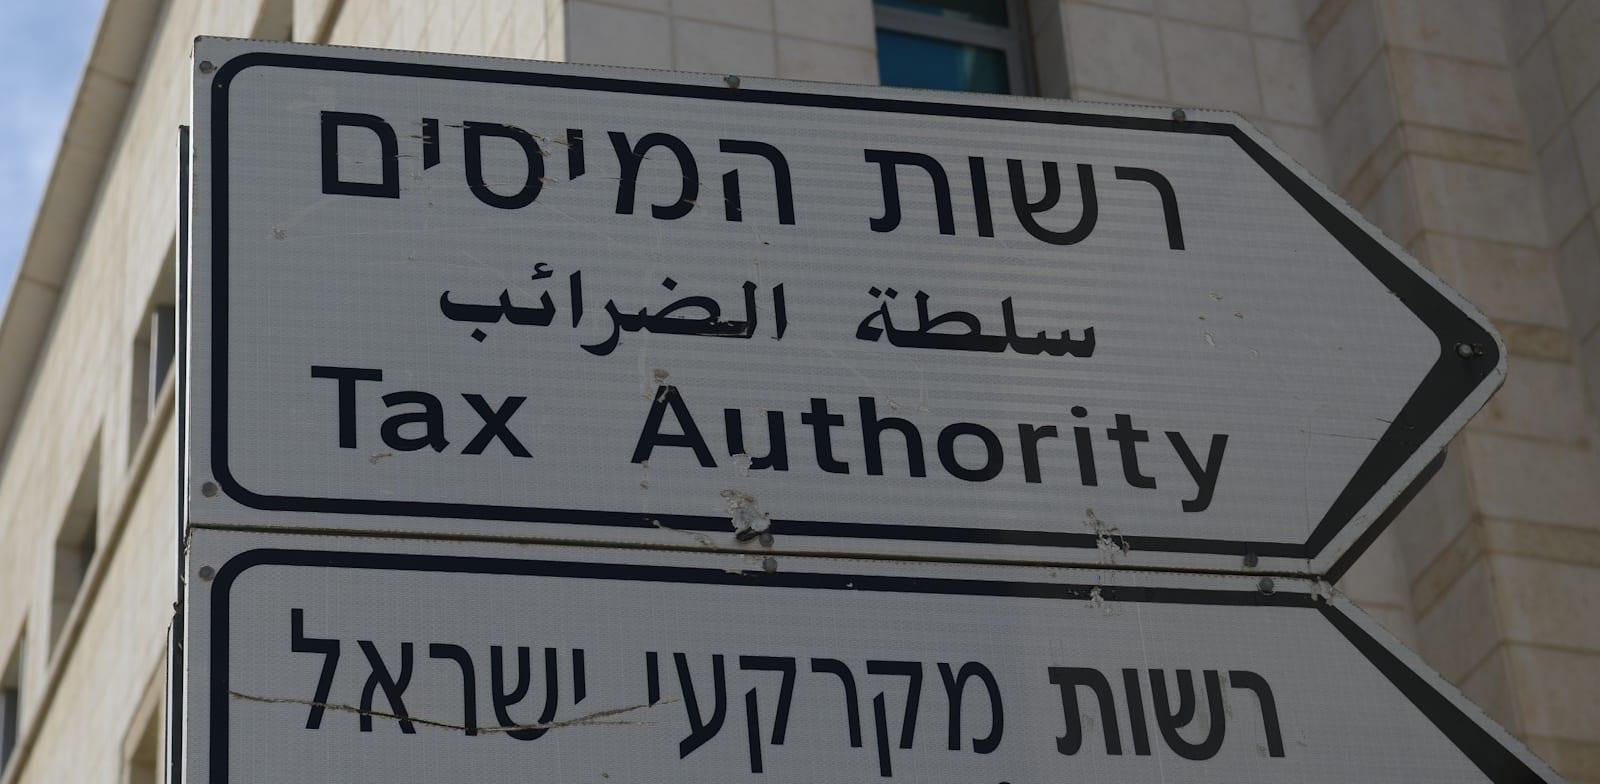 רשות המסים / צילום: איל יצהר